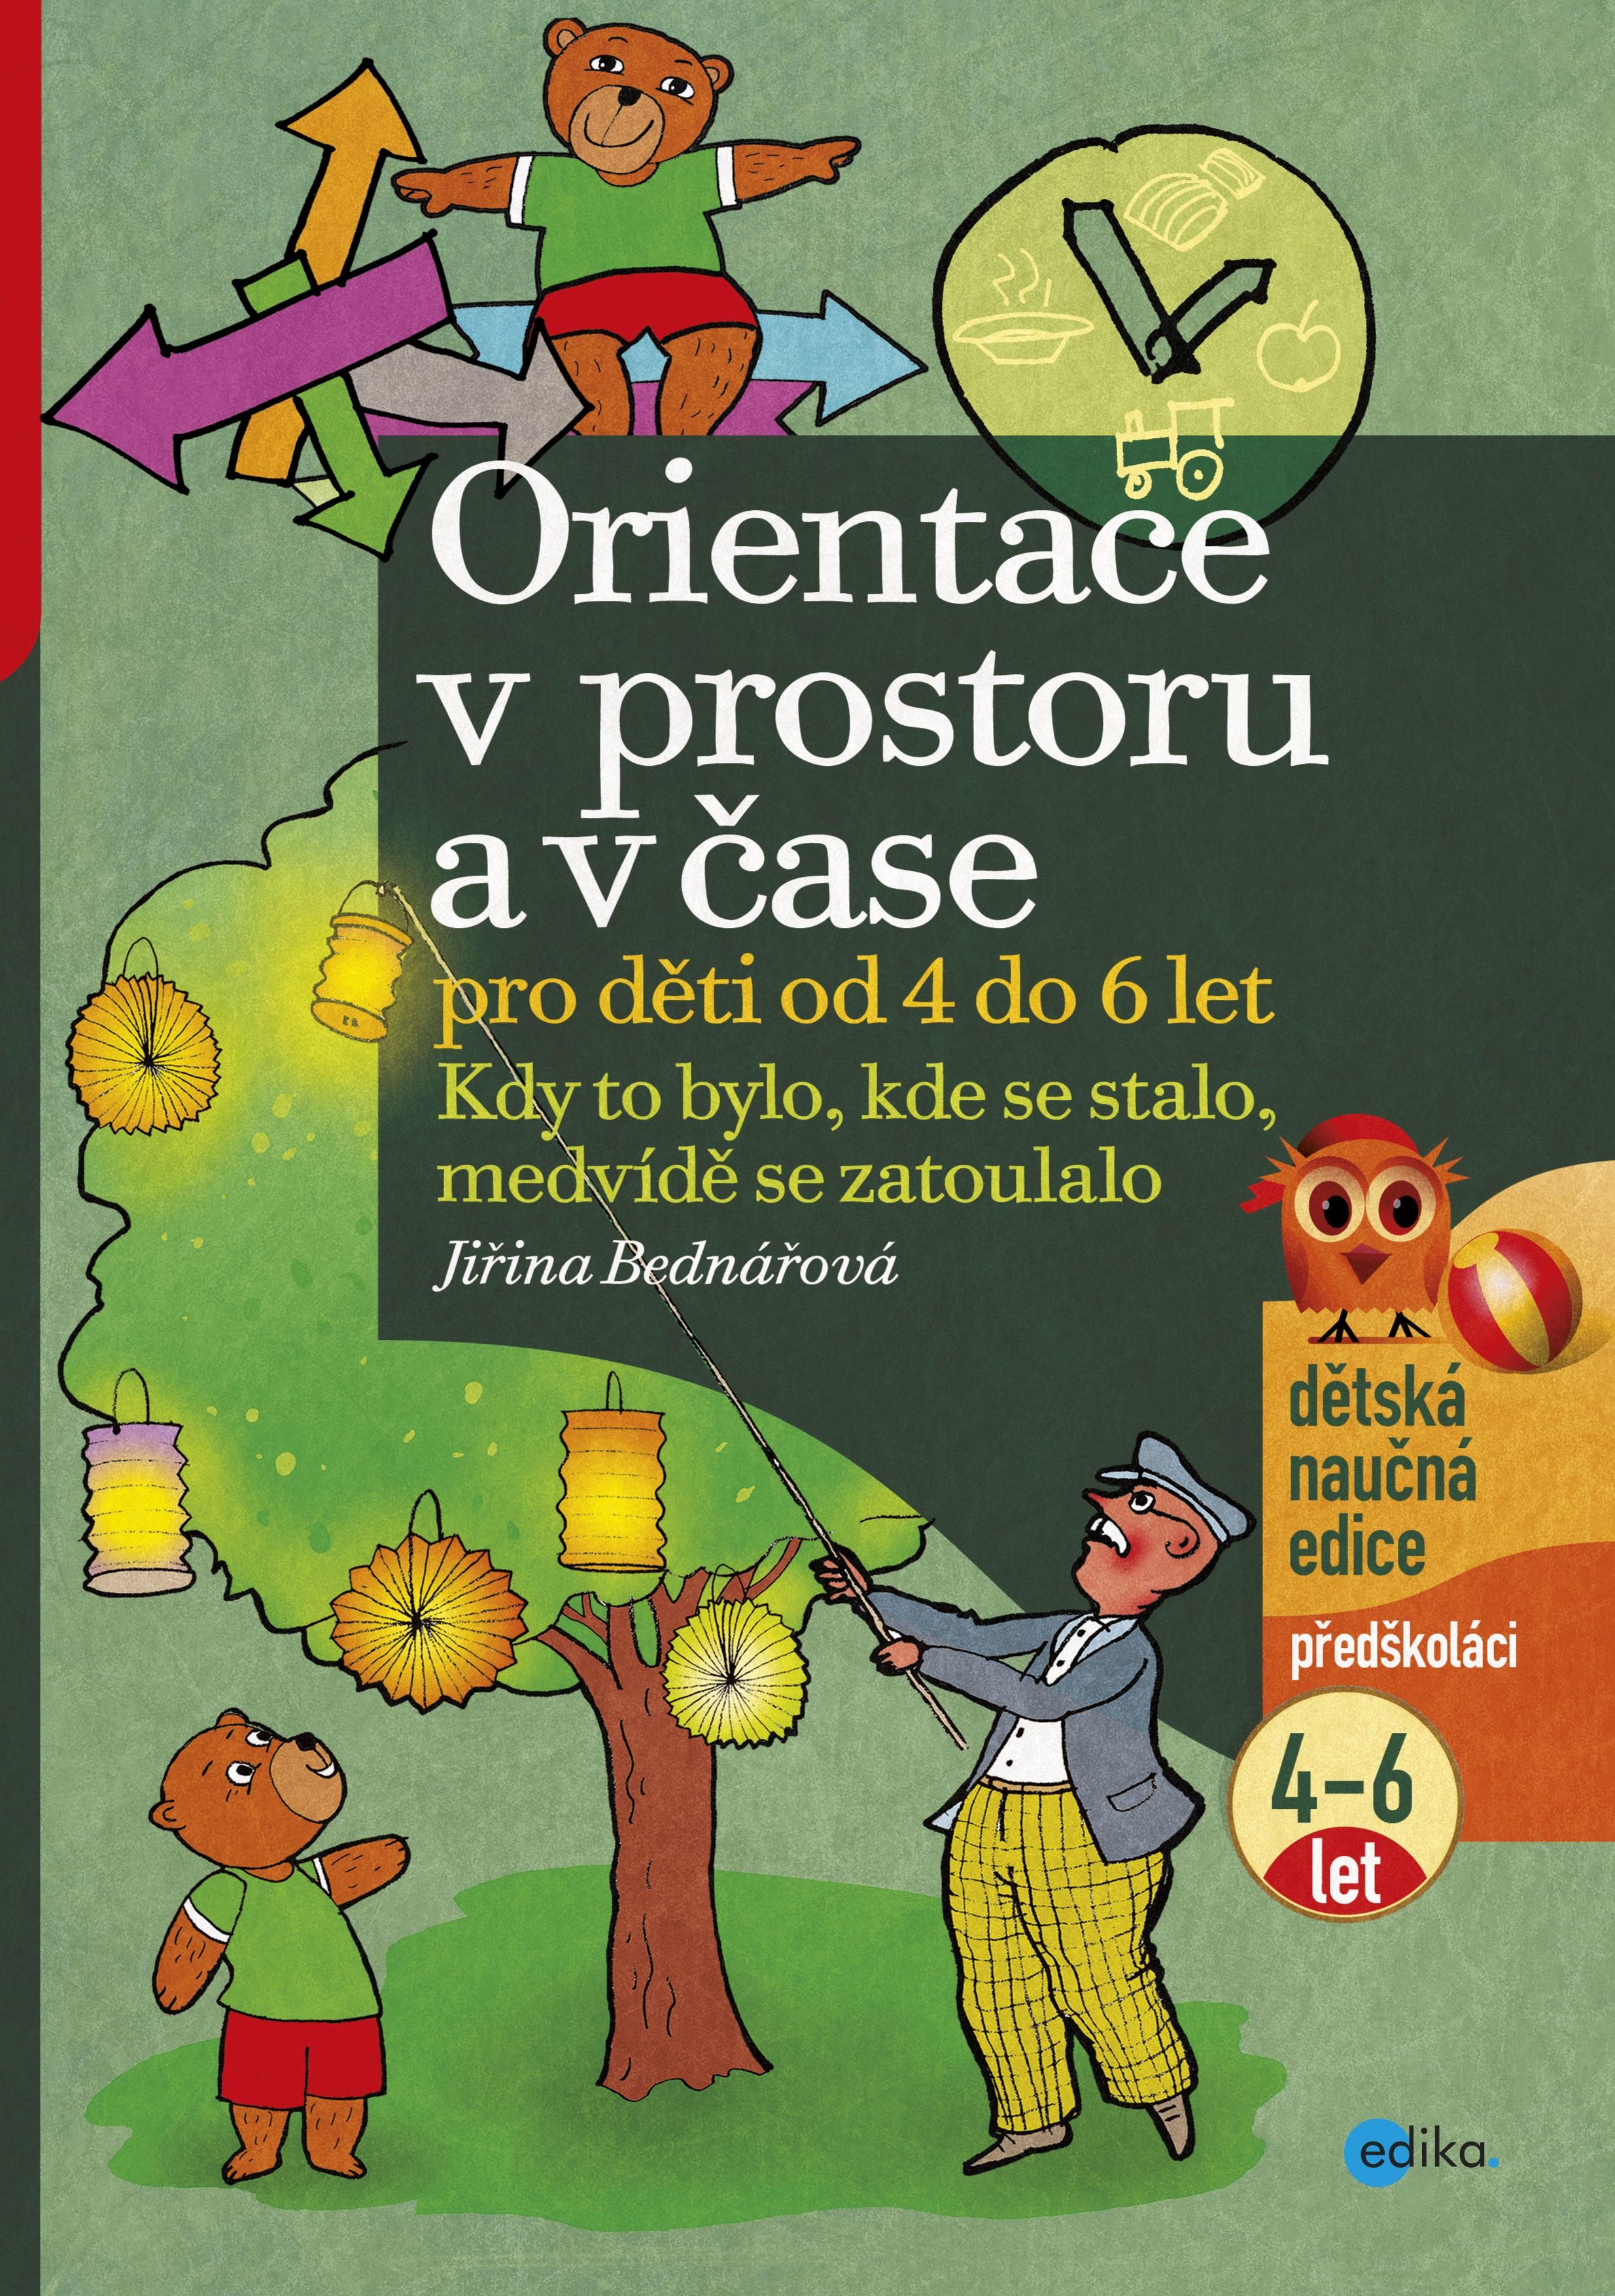 Orientace v prostoru a v čase pro děti od 4 do 6 let   Jiřina Bednářová